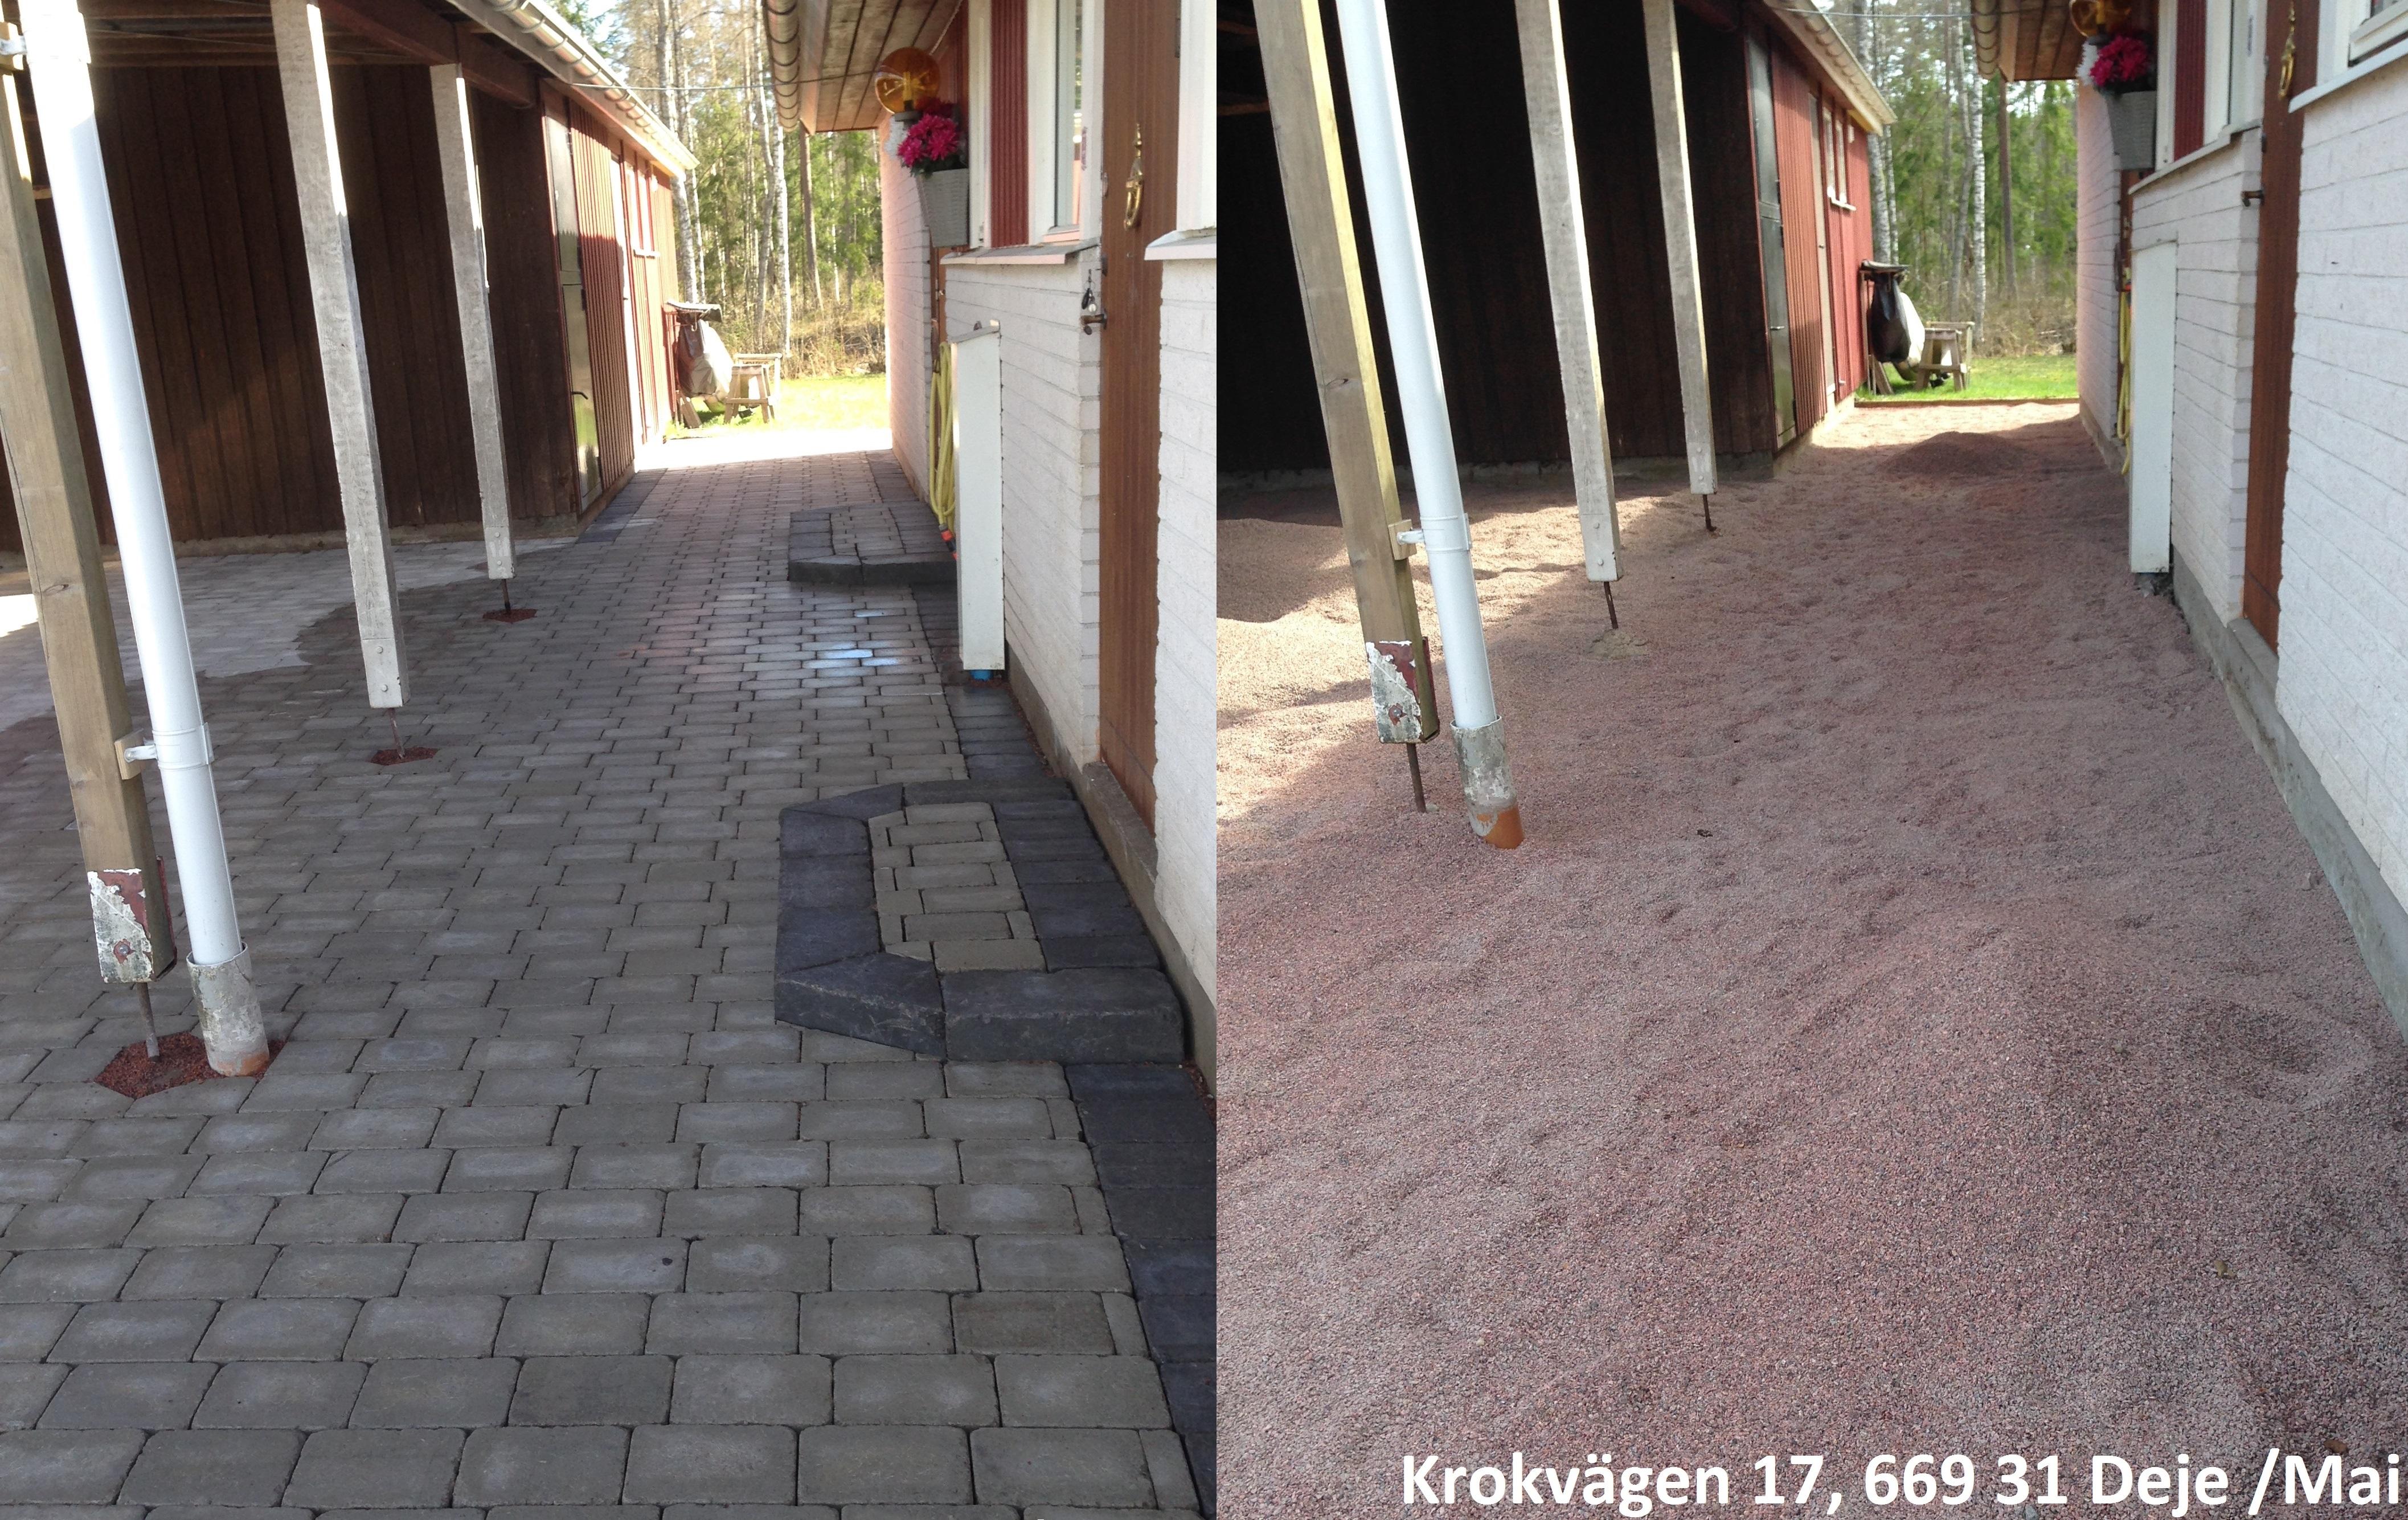 Krokvägen_17,_669_31_Deje,_Sverige_(31)